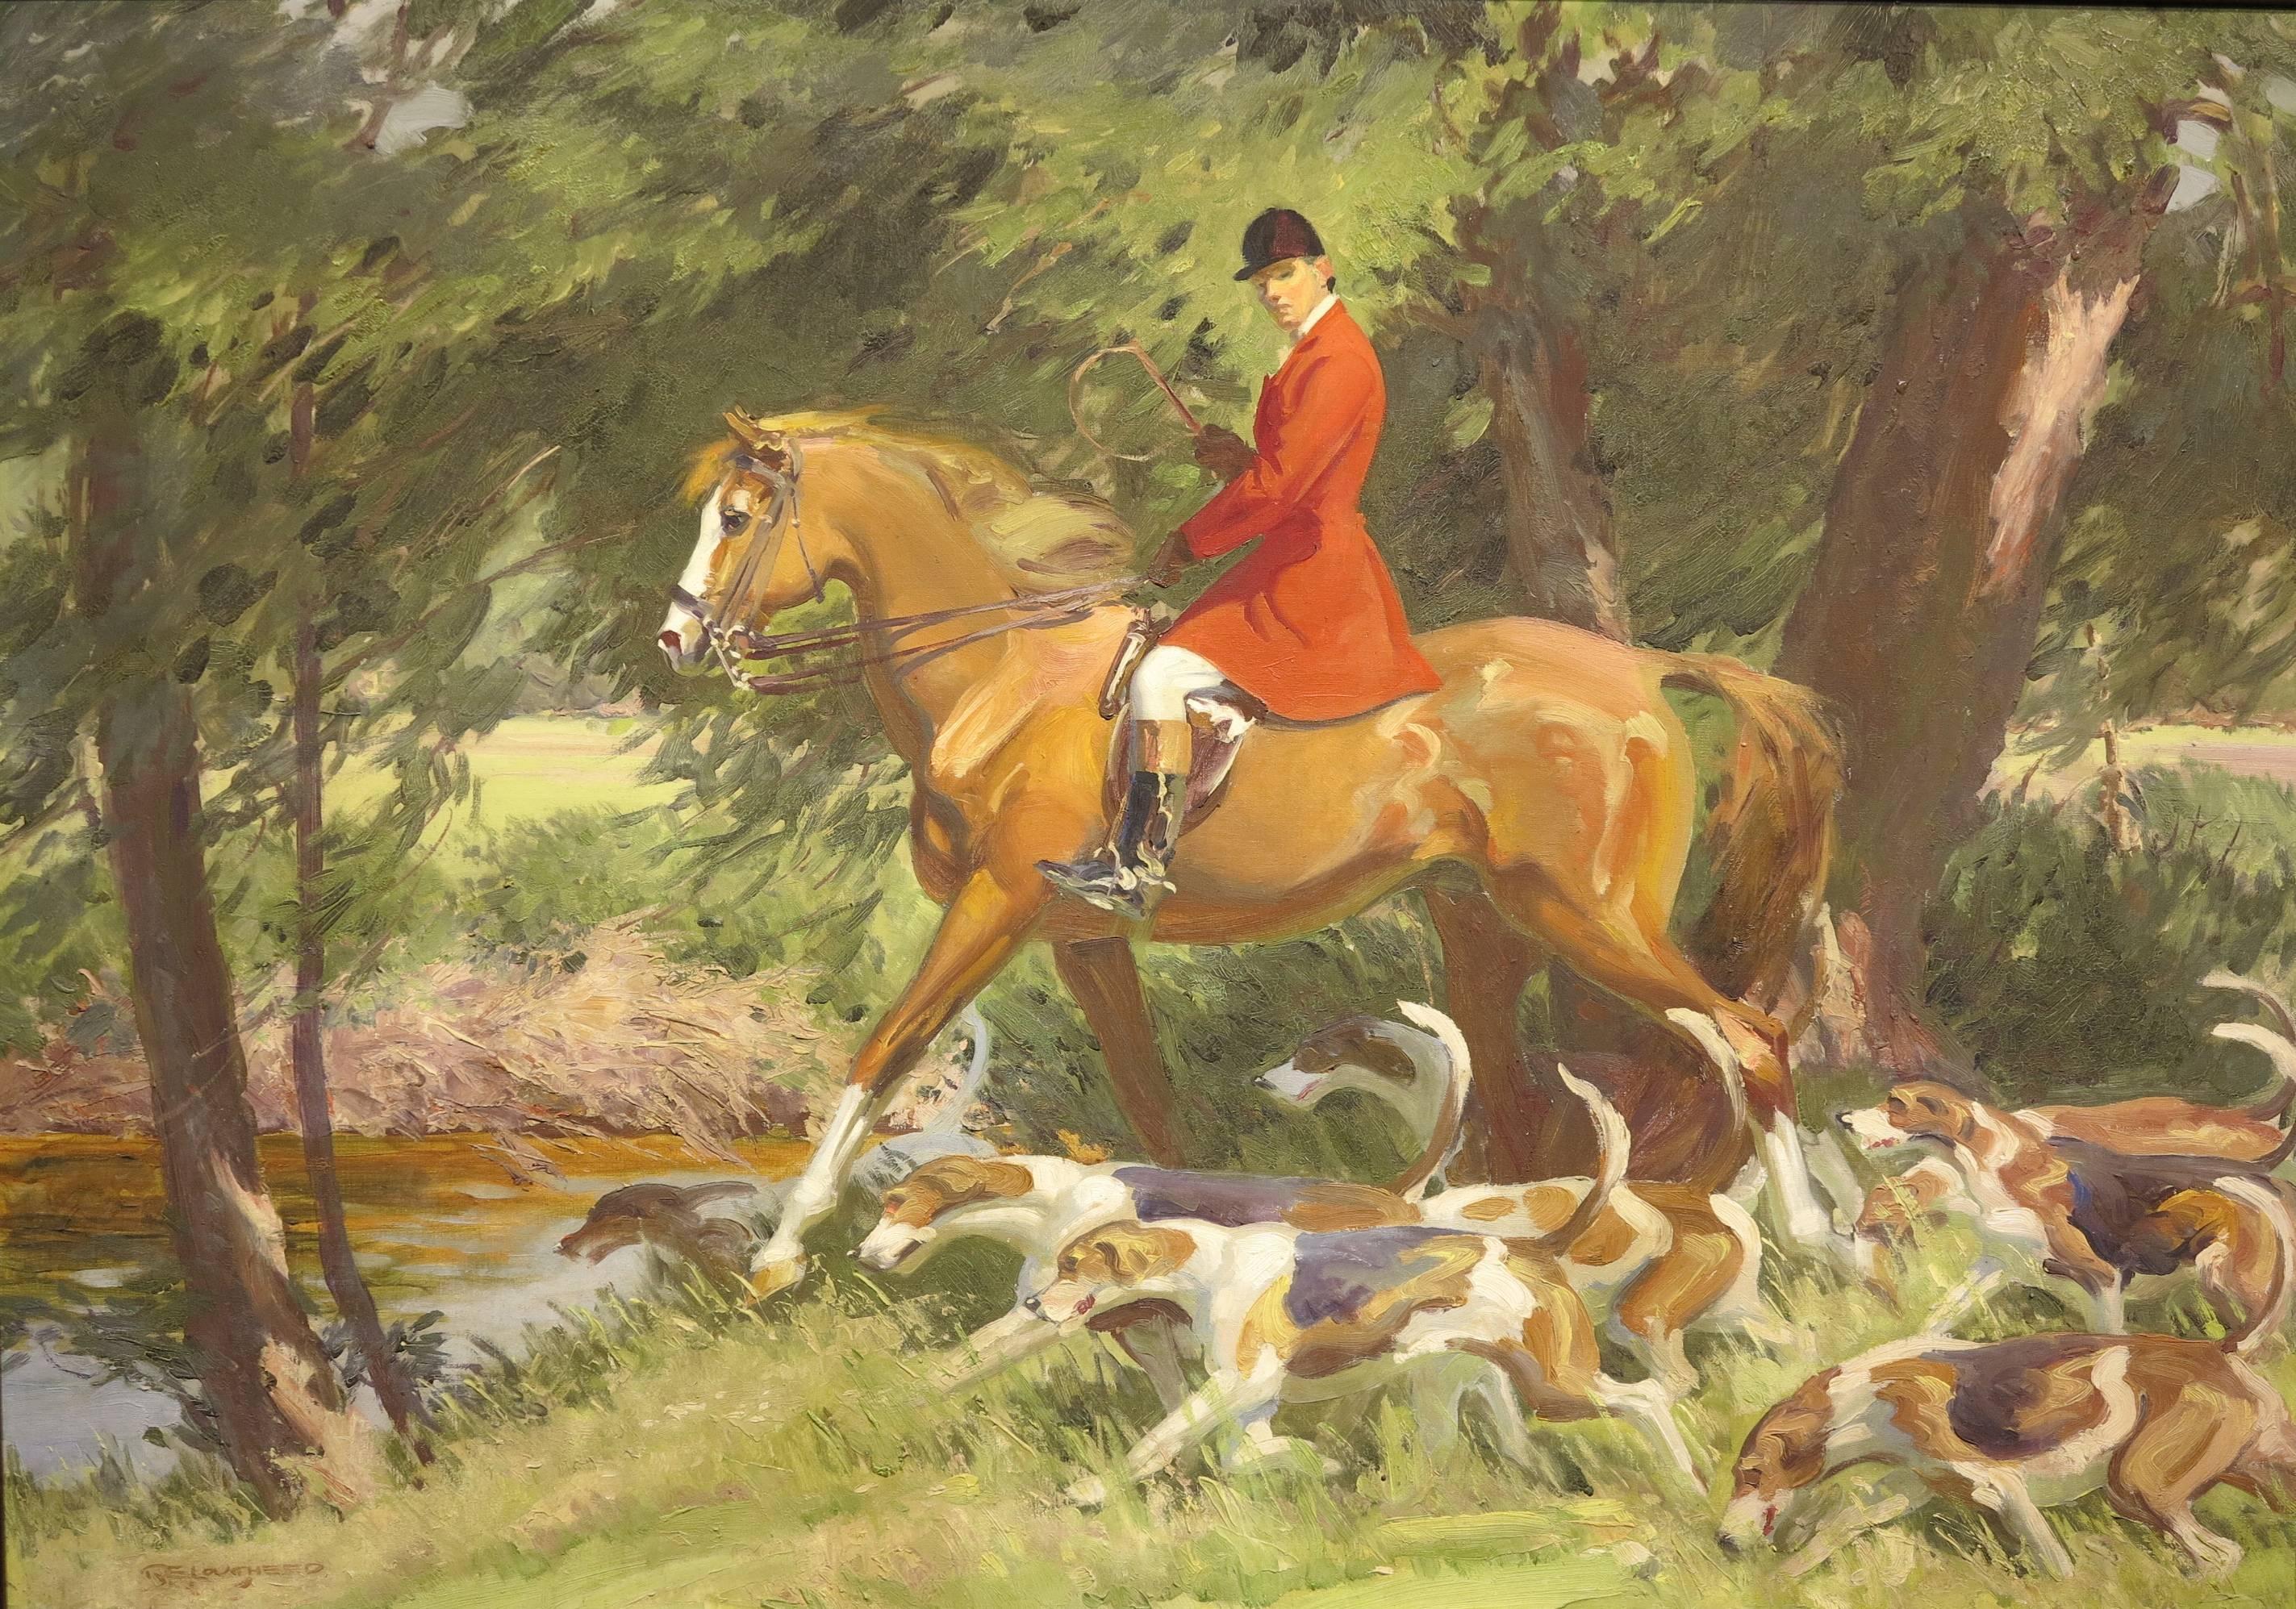 Westport Rider